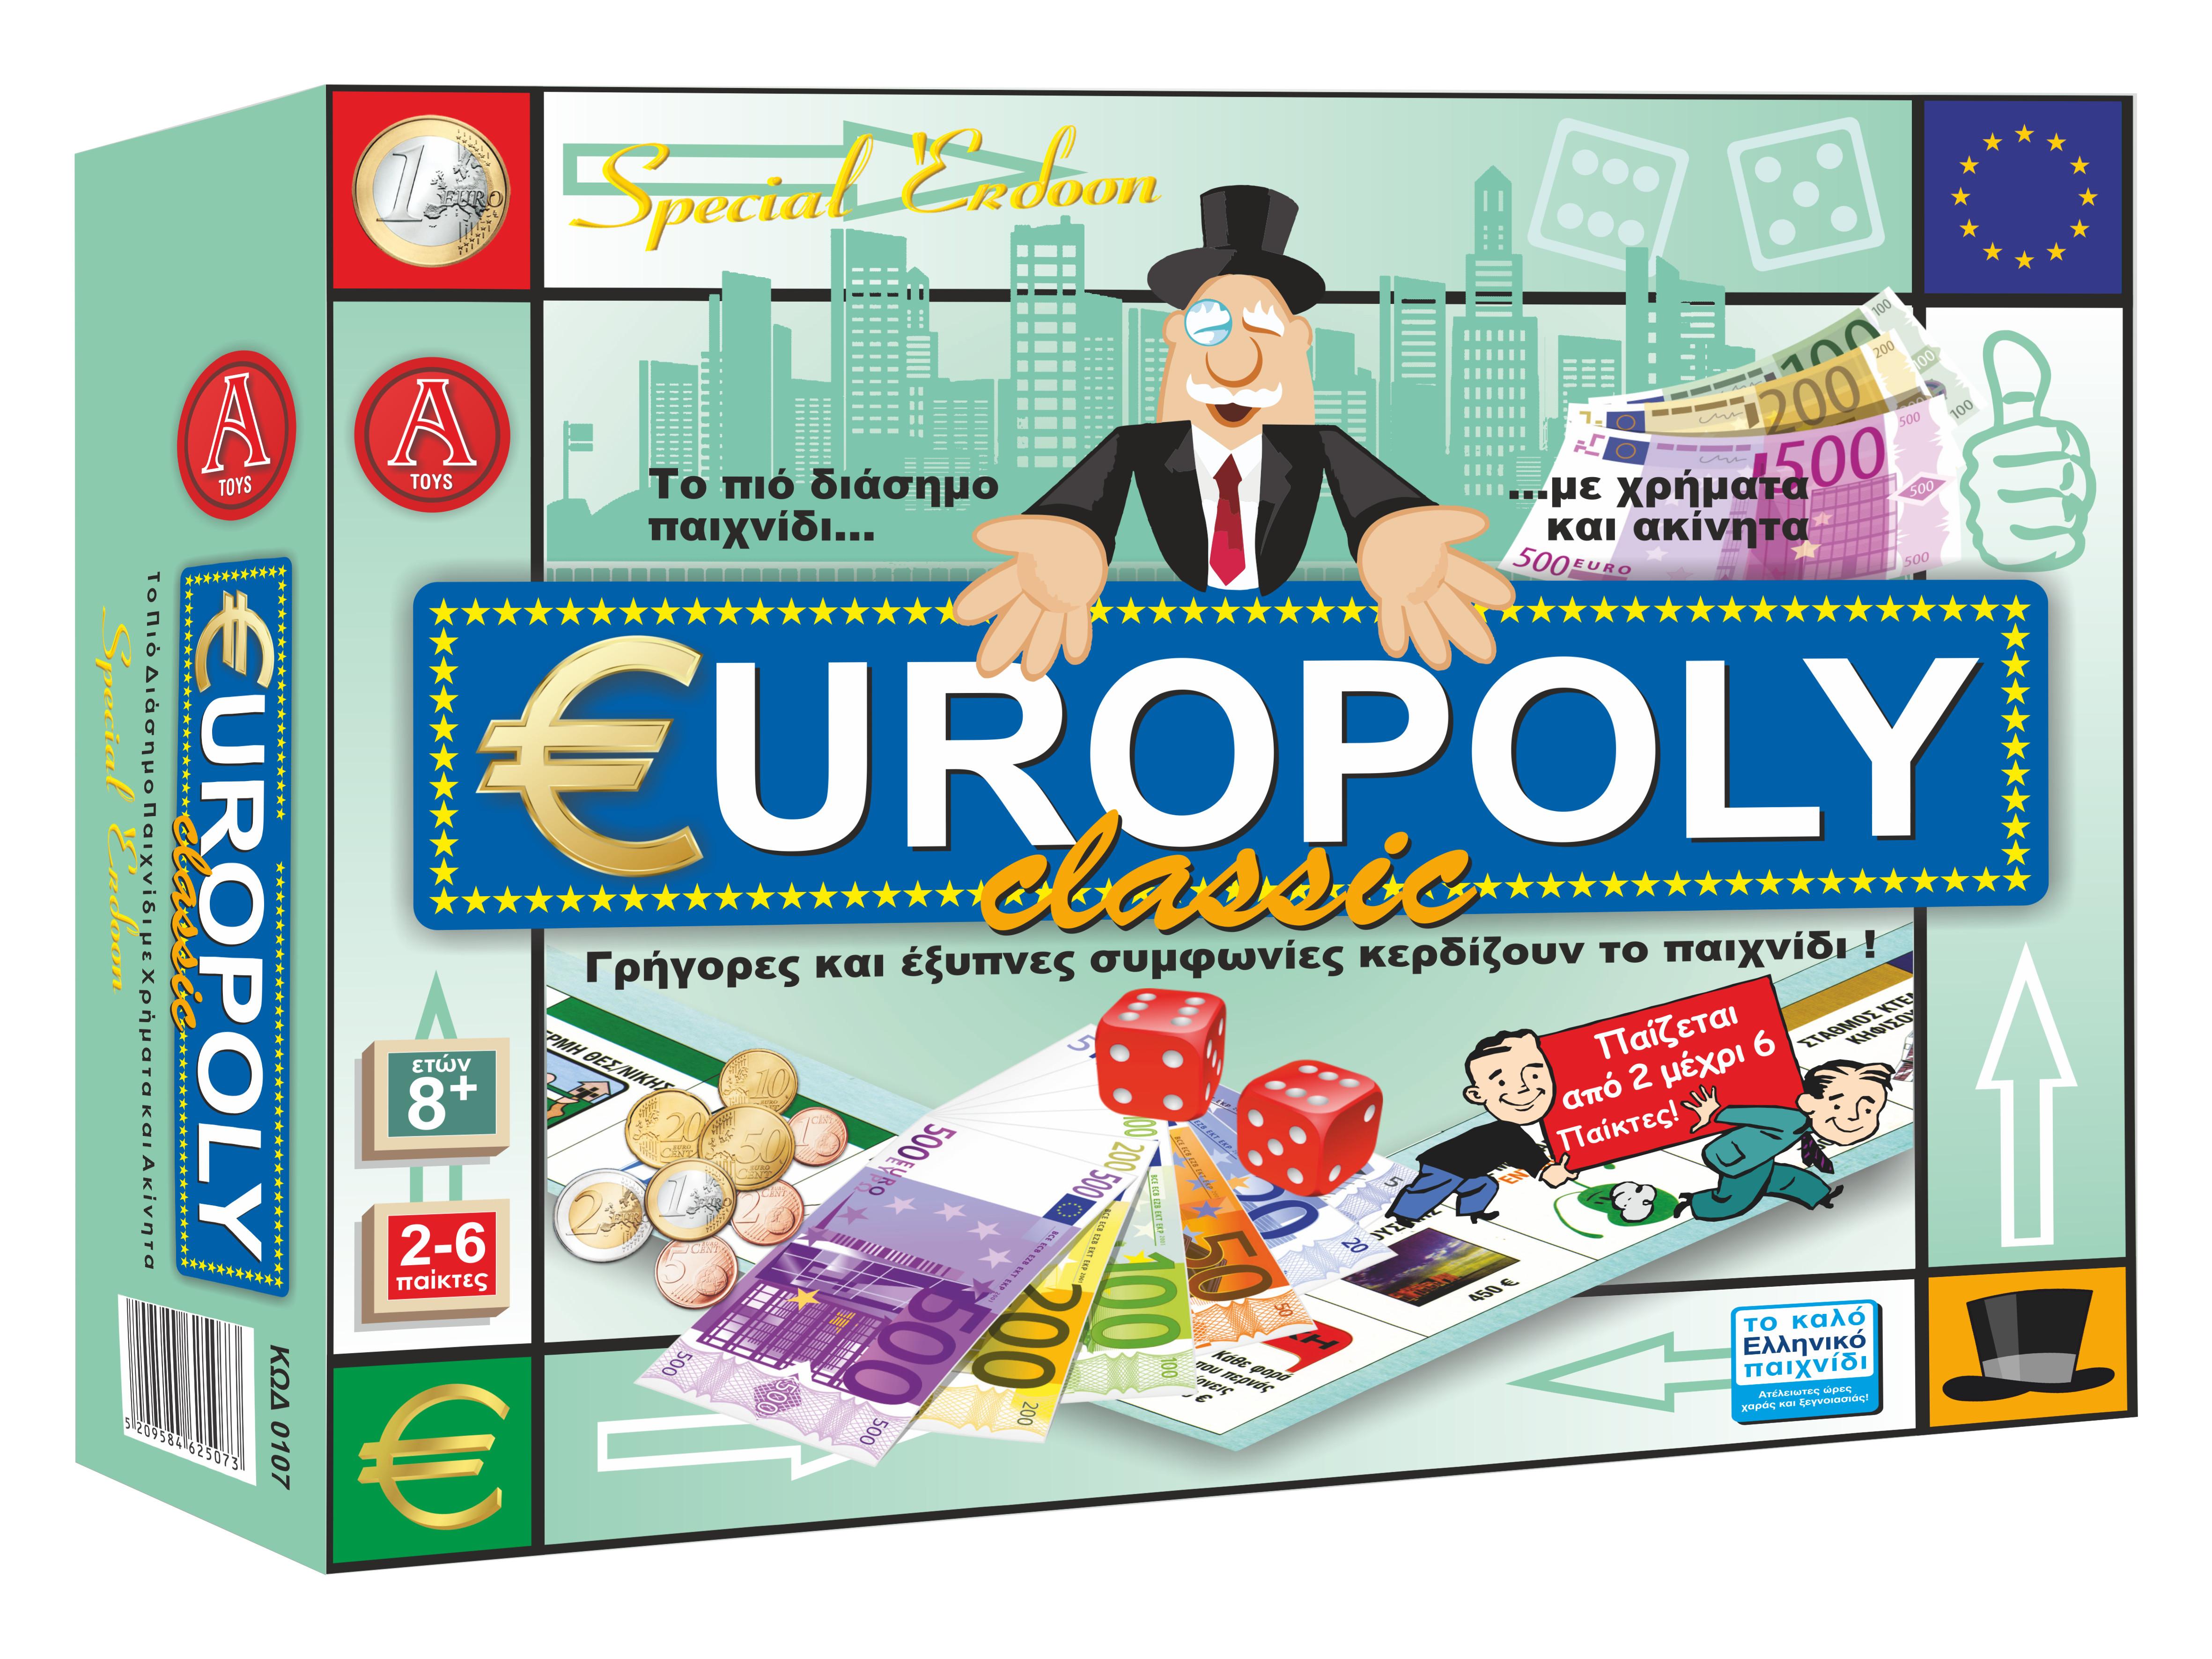 ΚΩΔ. 0107 Europoly Special Διαστάσεις: 28x35x8cm